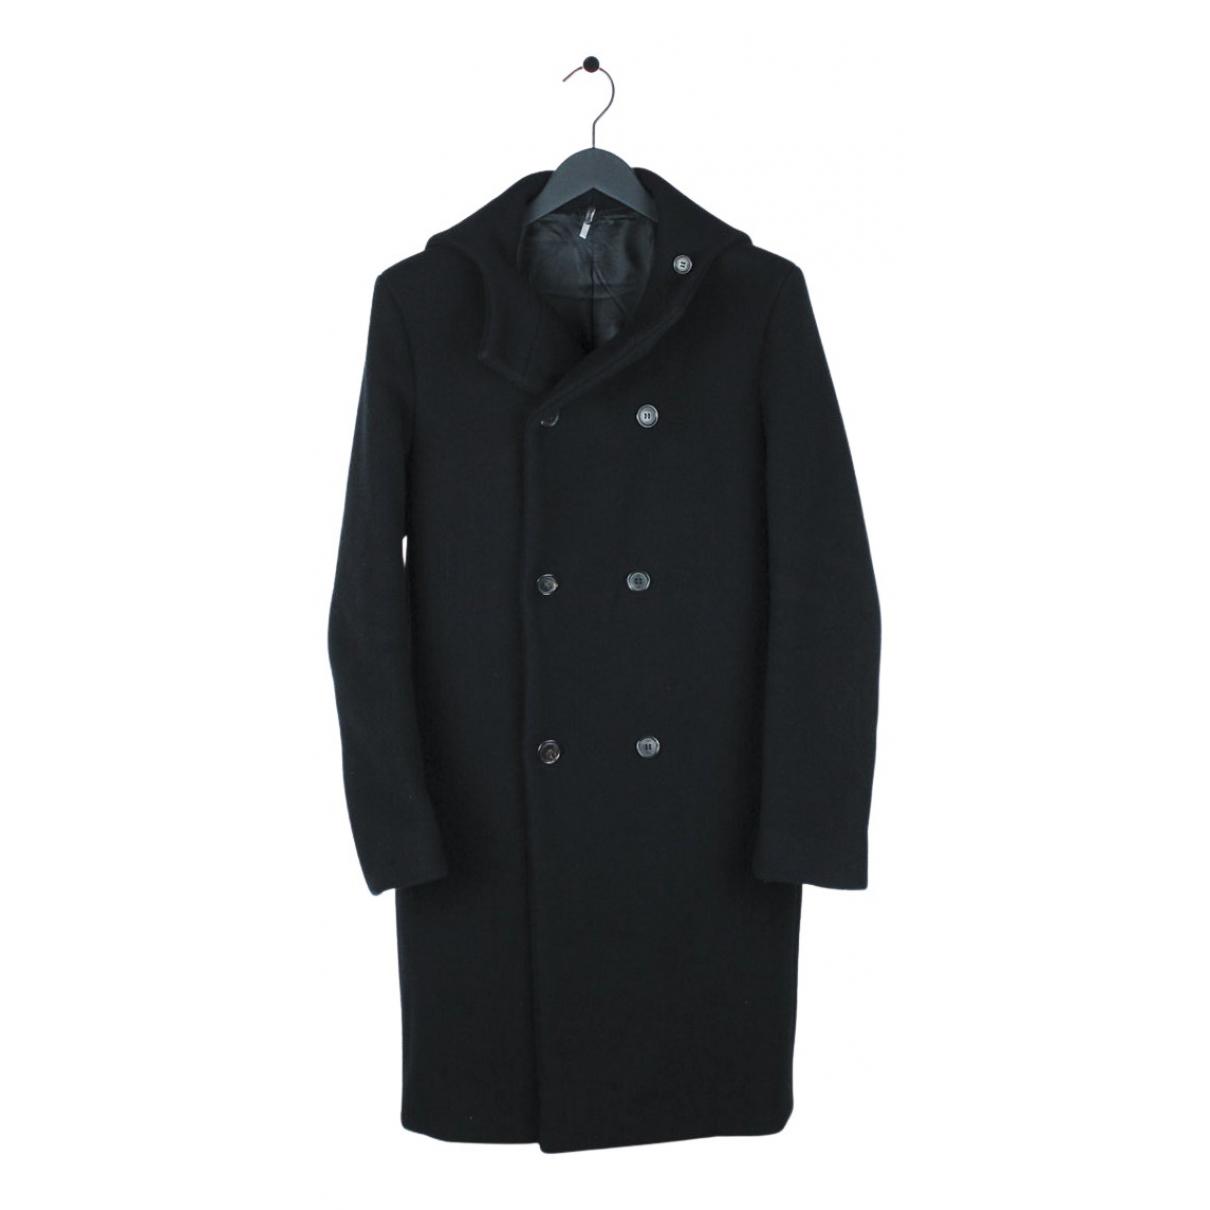 Dior Homme - Manteau   pour homme en laine - noir